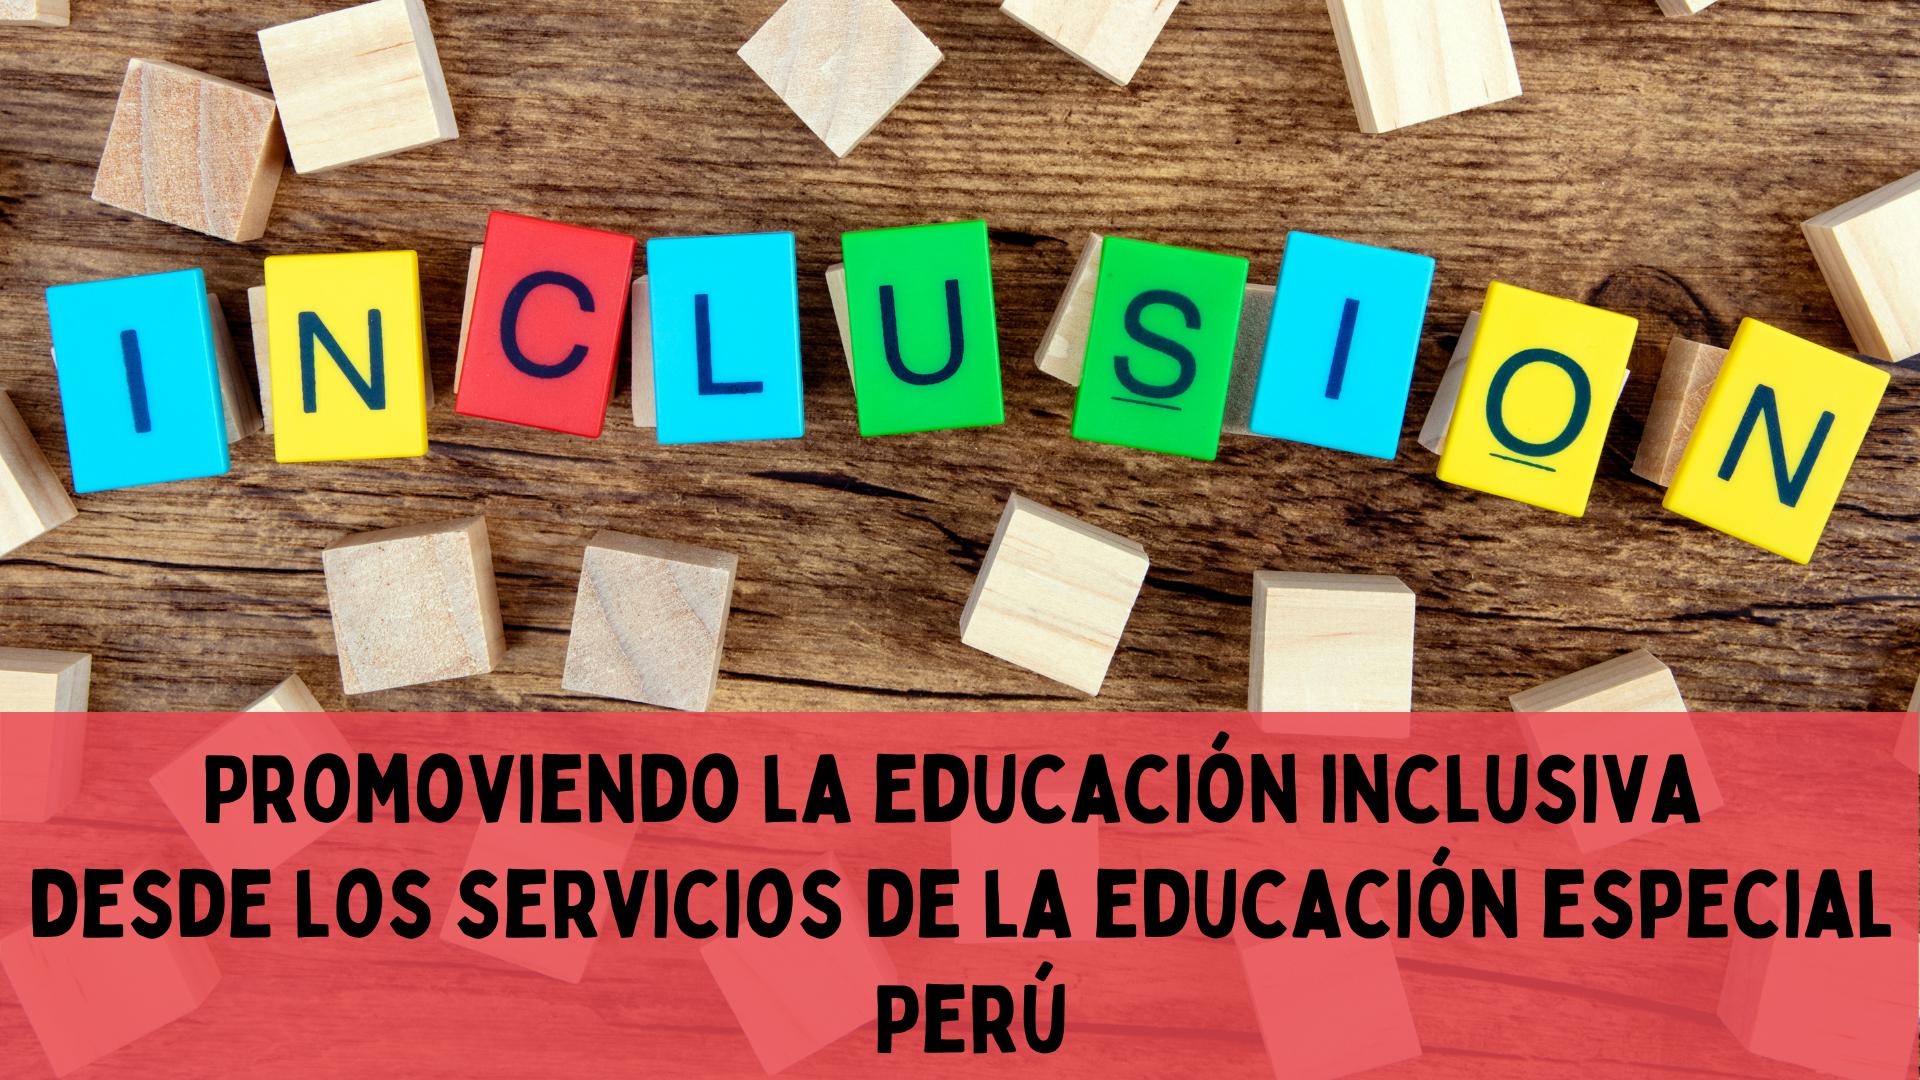 Promoviendo la educación inclusiva desde los servicios de la educación especial